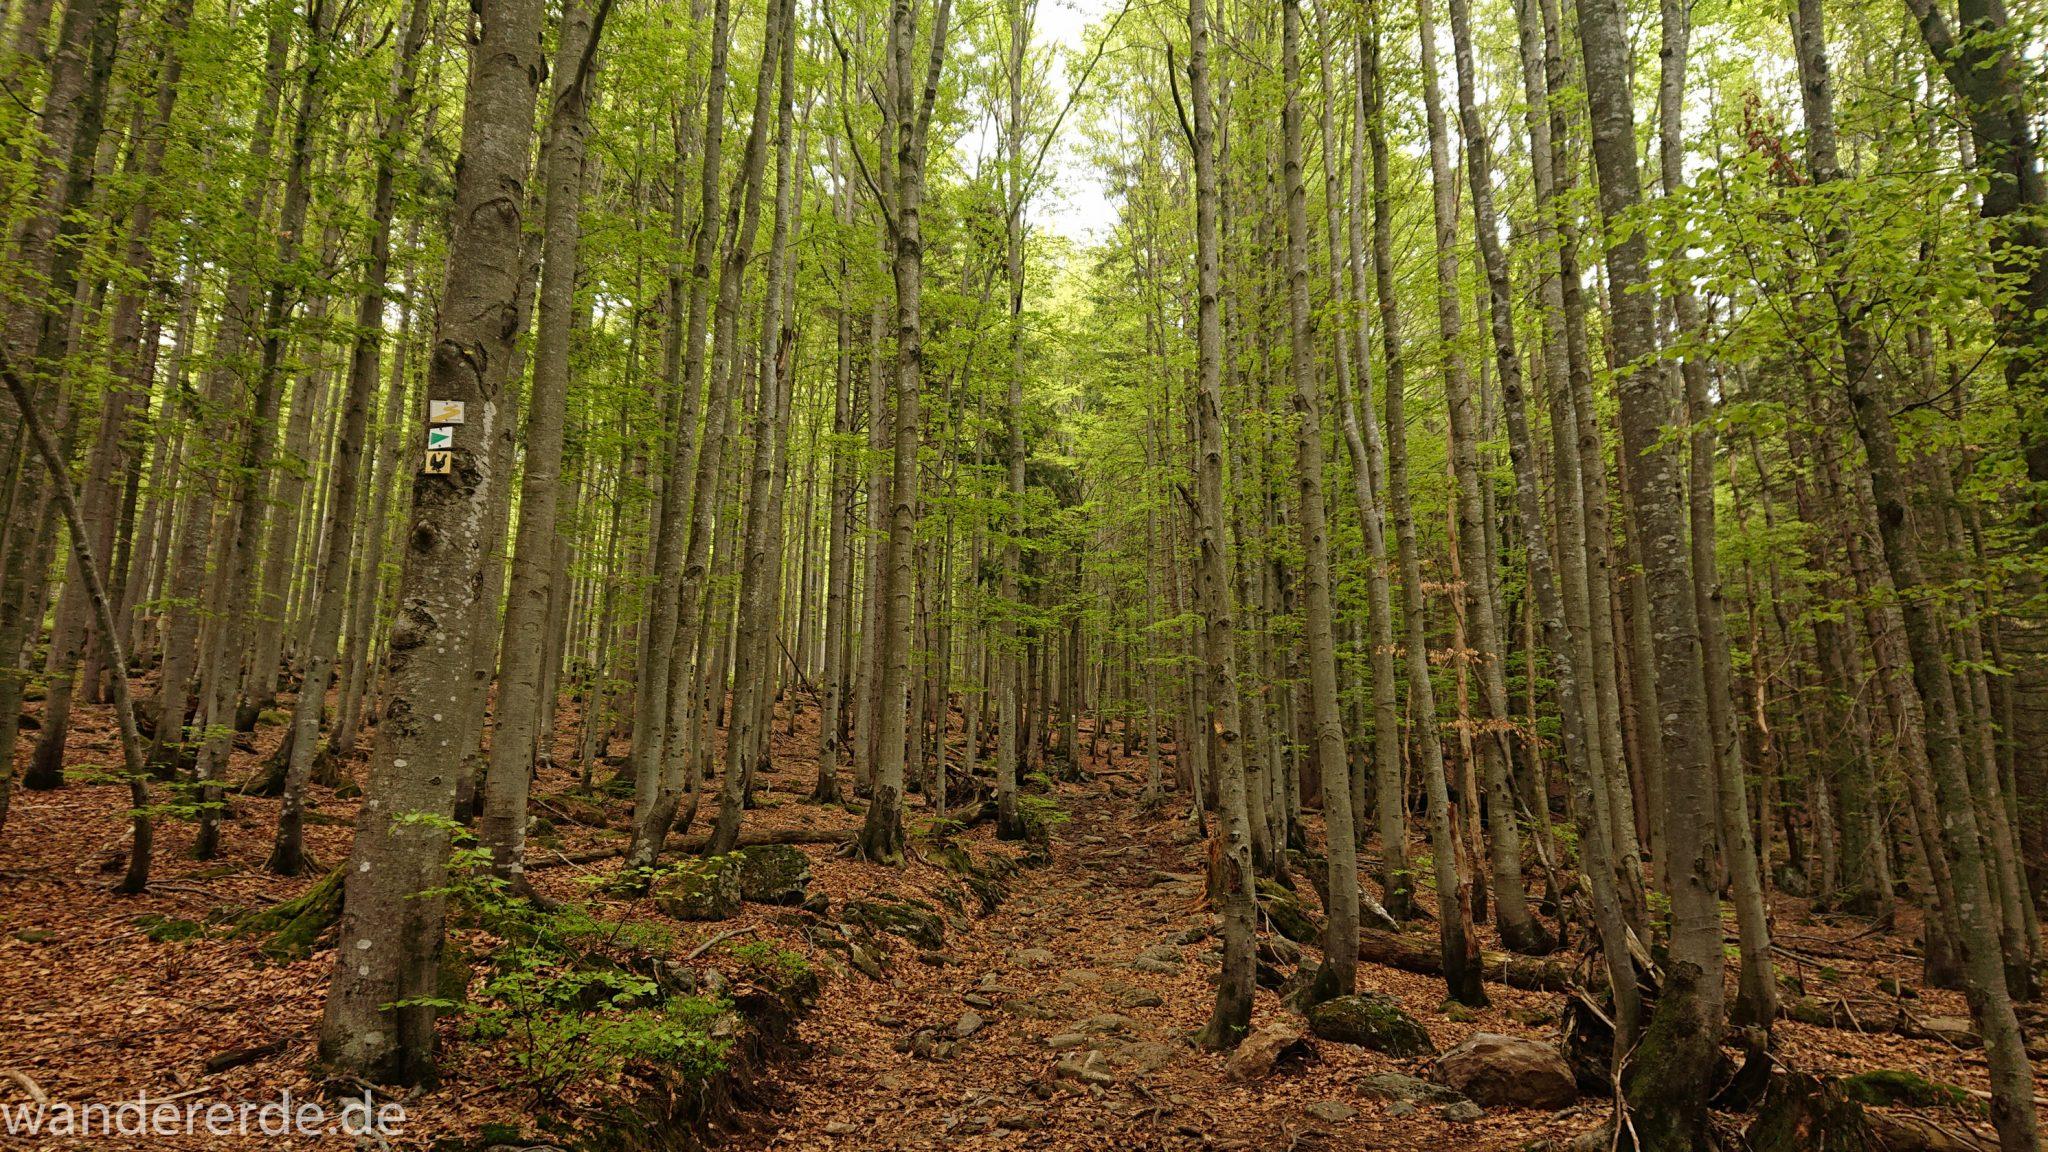 Wanderung Großer Rachel im Nationalpark Bayerischer Wald, Start Parkplatz Oberfrauenau, abwechslungsreicher Wanderweg, auf tollem Pfad über Stock und Stein, schöner dichter Wald, Laubbaum, Nadelbaum, Wegmarkierung an Baum